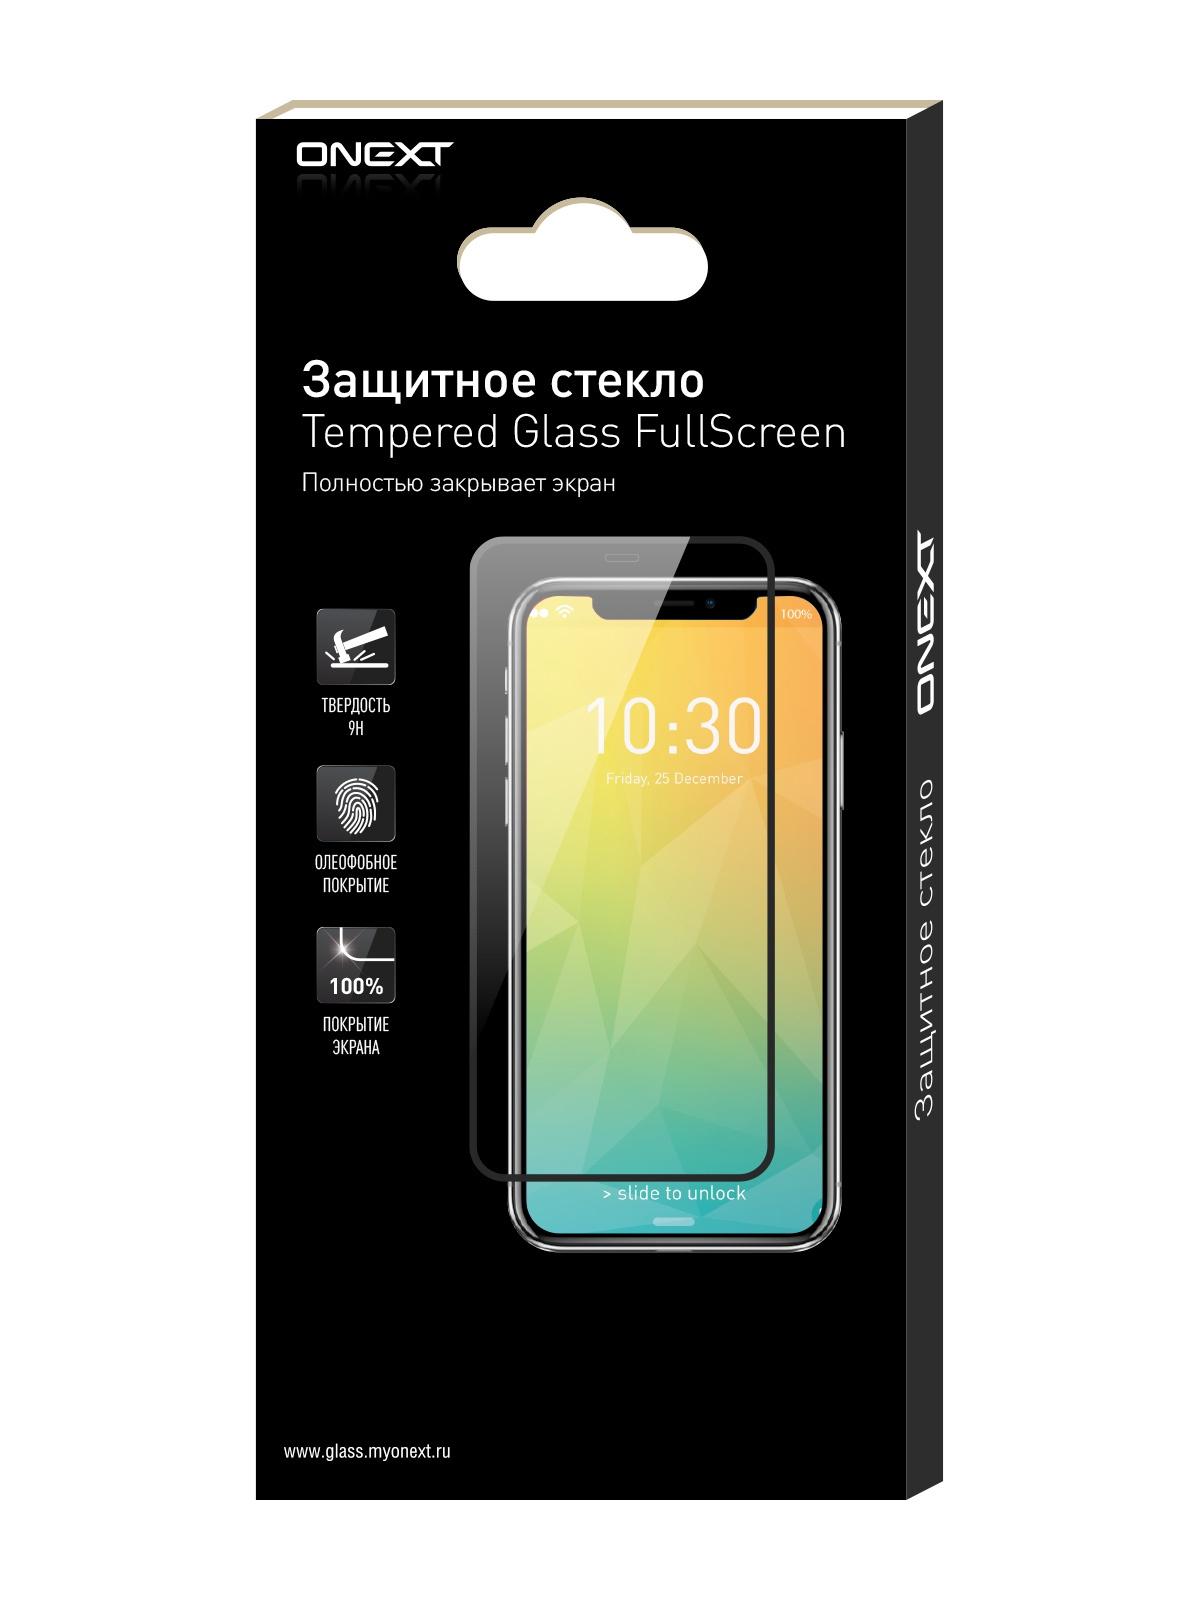 Защитное стекло ONEXT Samsung Galaxy A5 2017 с рамкой защитное стекло для samsung galaxy a5 2017 sm a520f onext на весь экран с белой рамкой